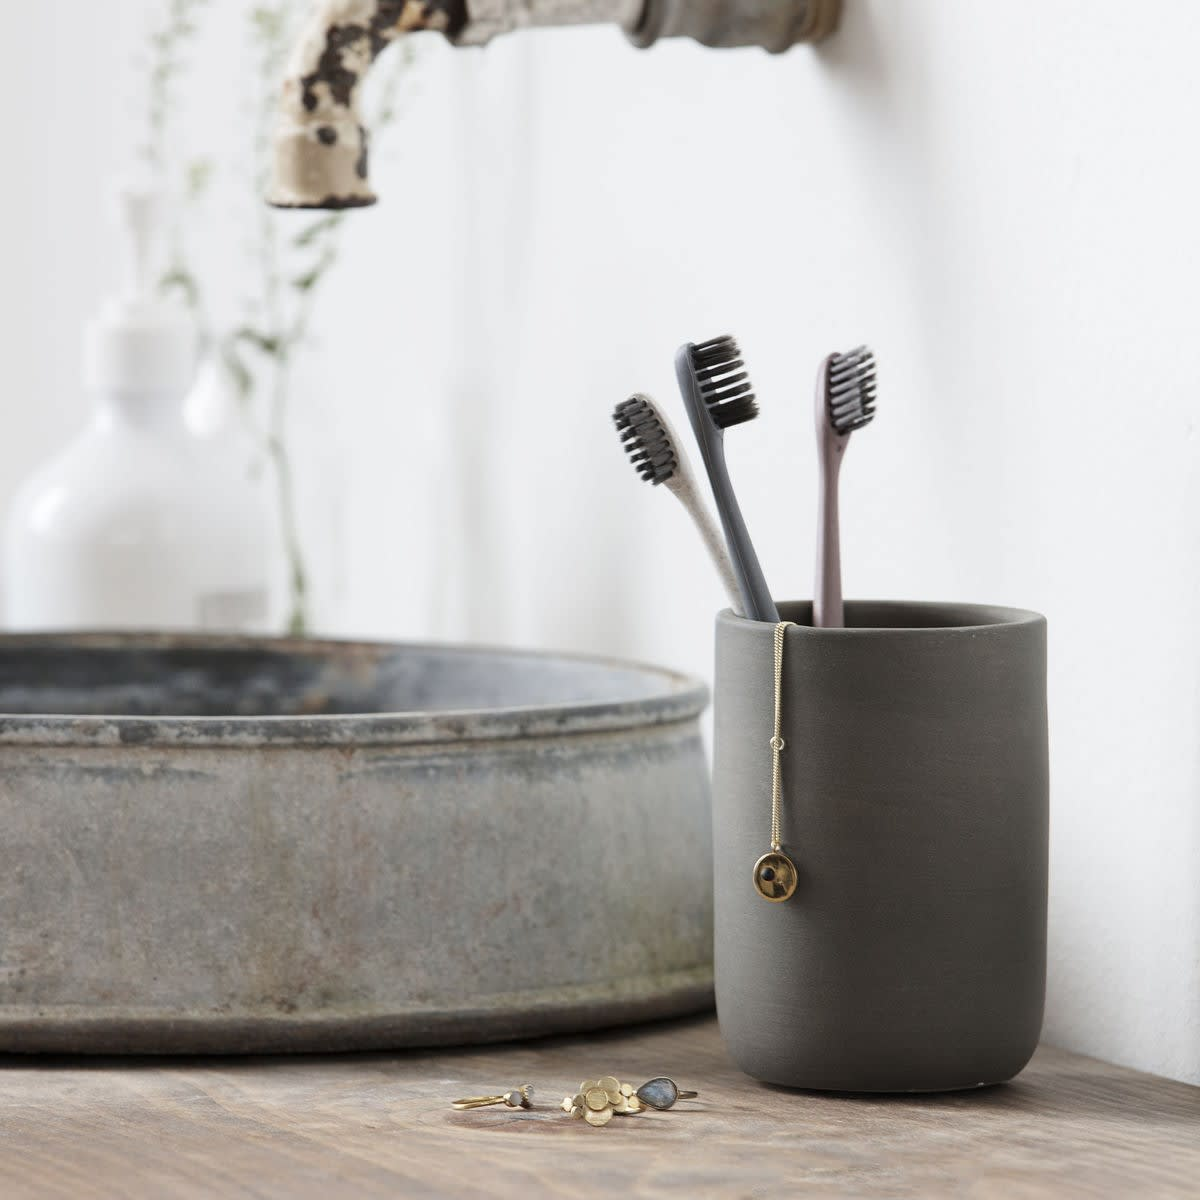 Meraki Set Of 3 Pcs Toothbrush